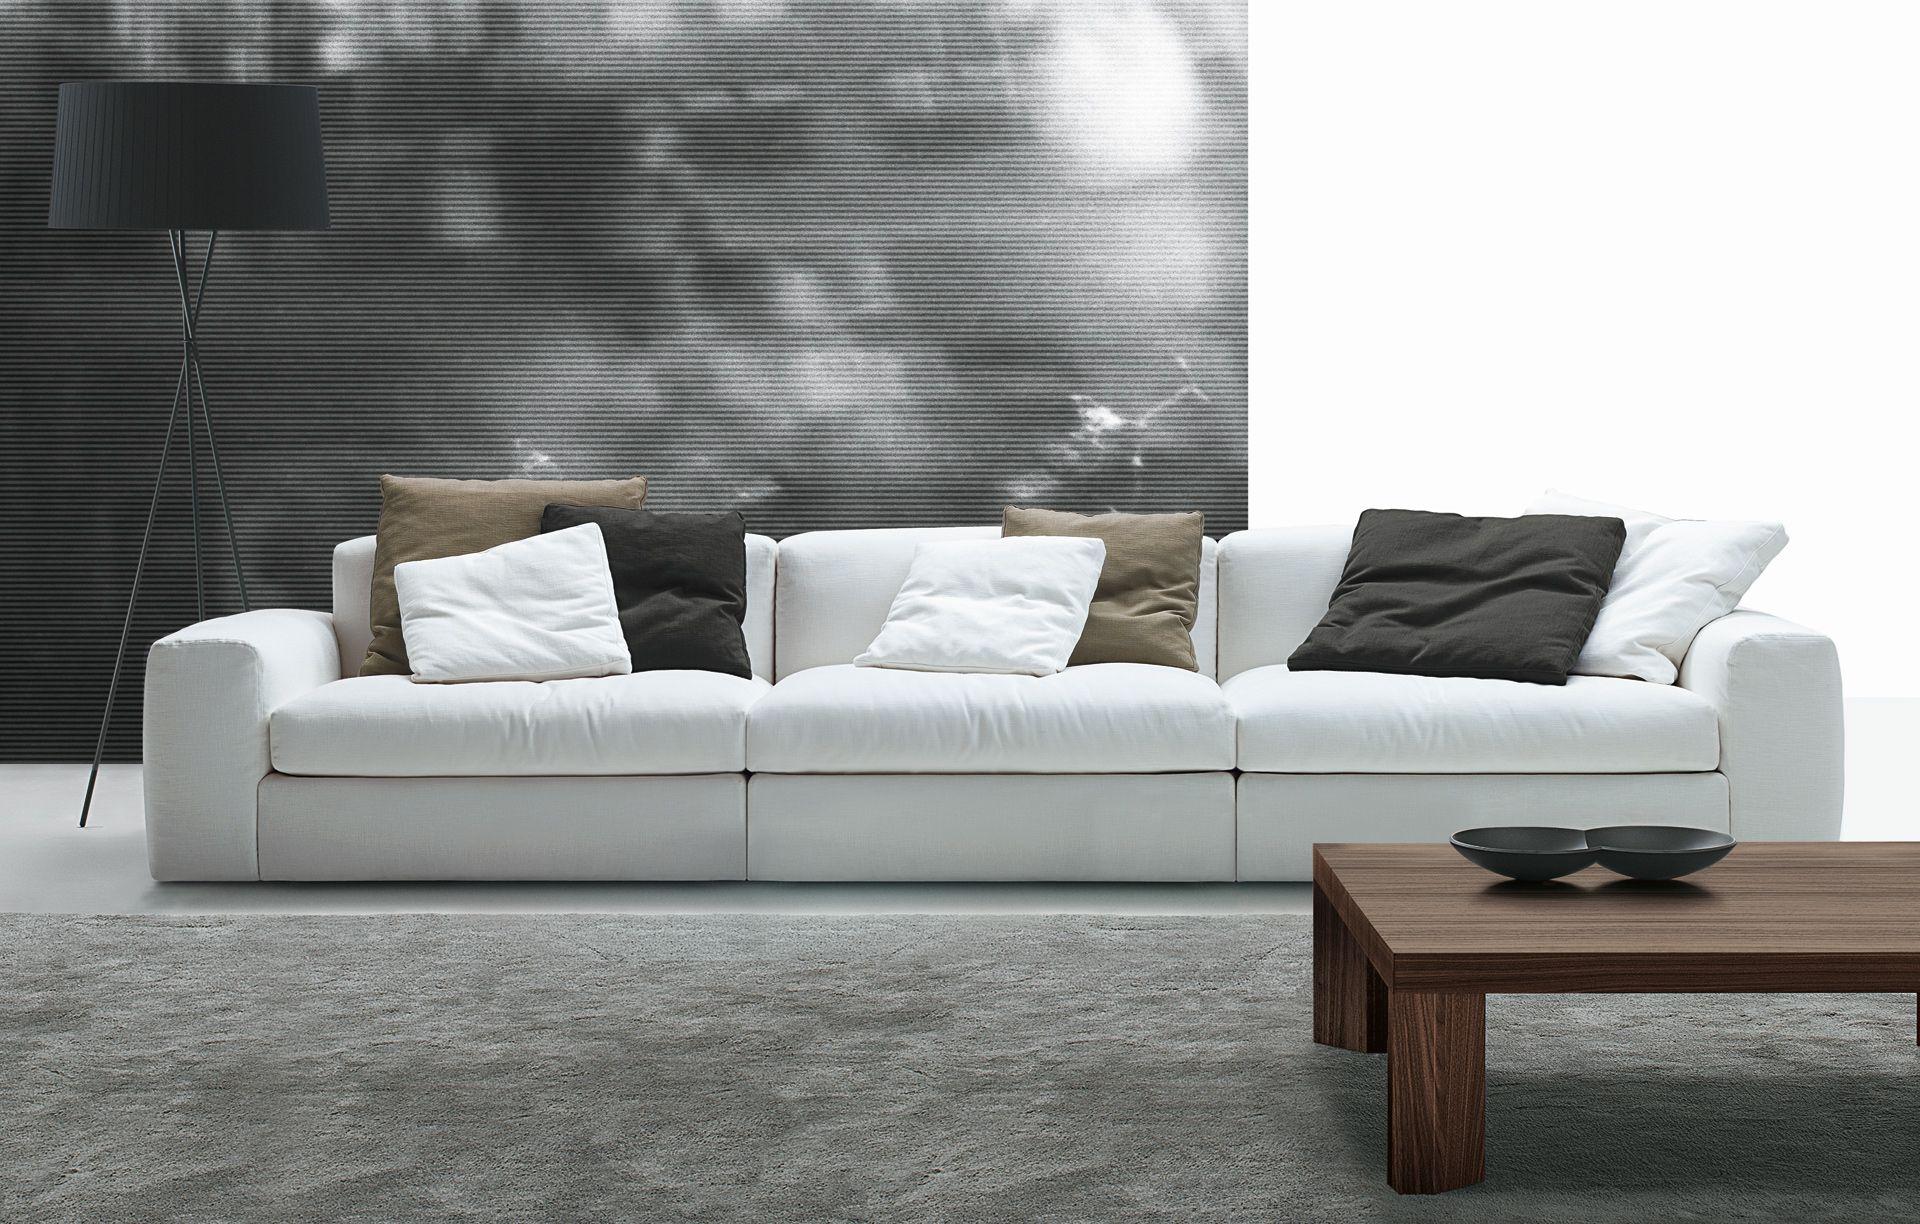 Great Vier Oder Mehrsitzer Sofas: Sofa Dune Von Poliform Awesome Design